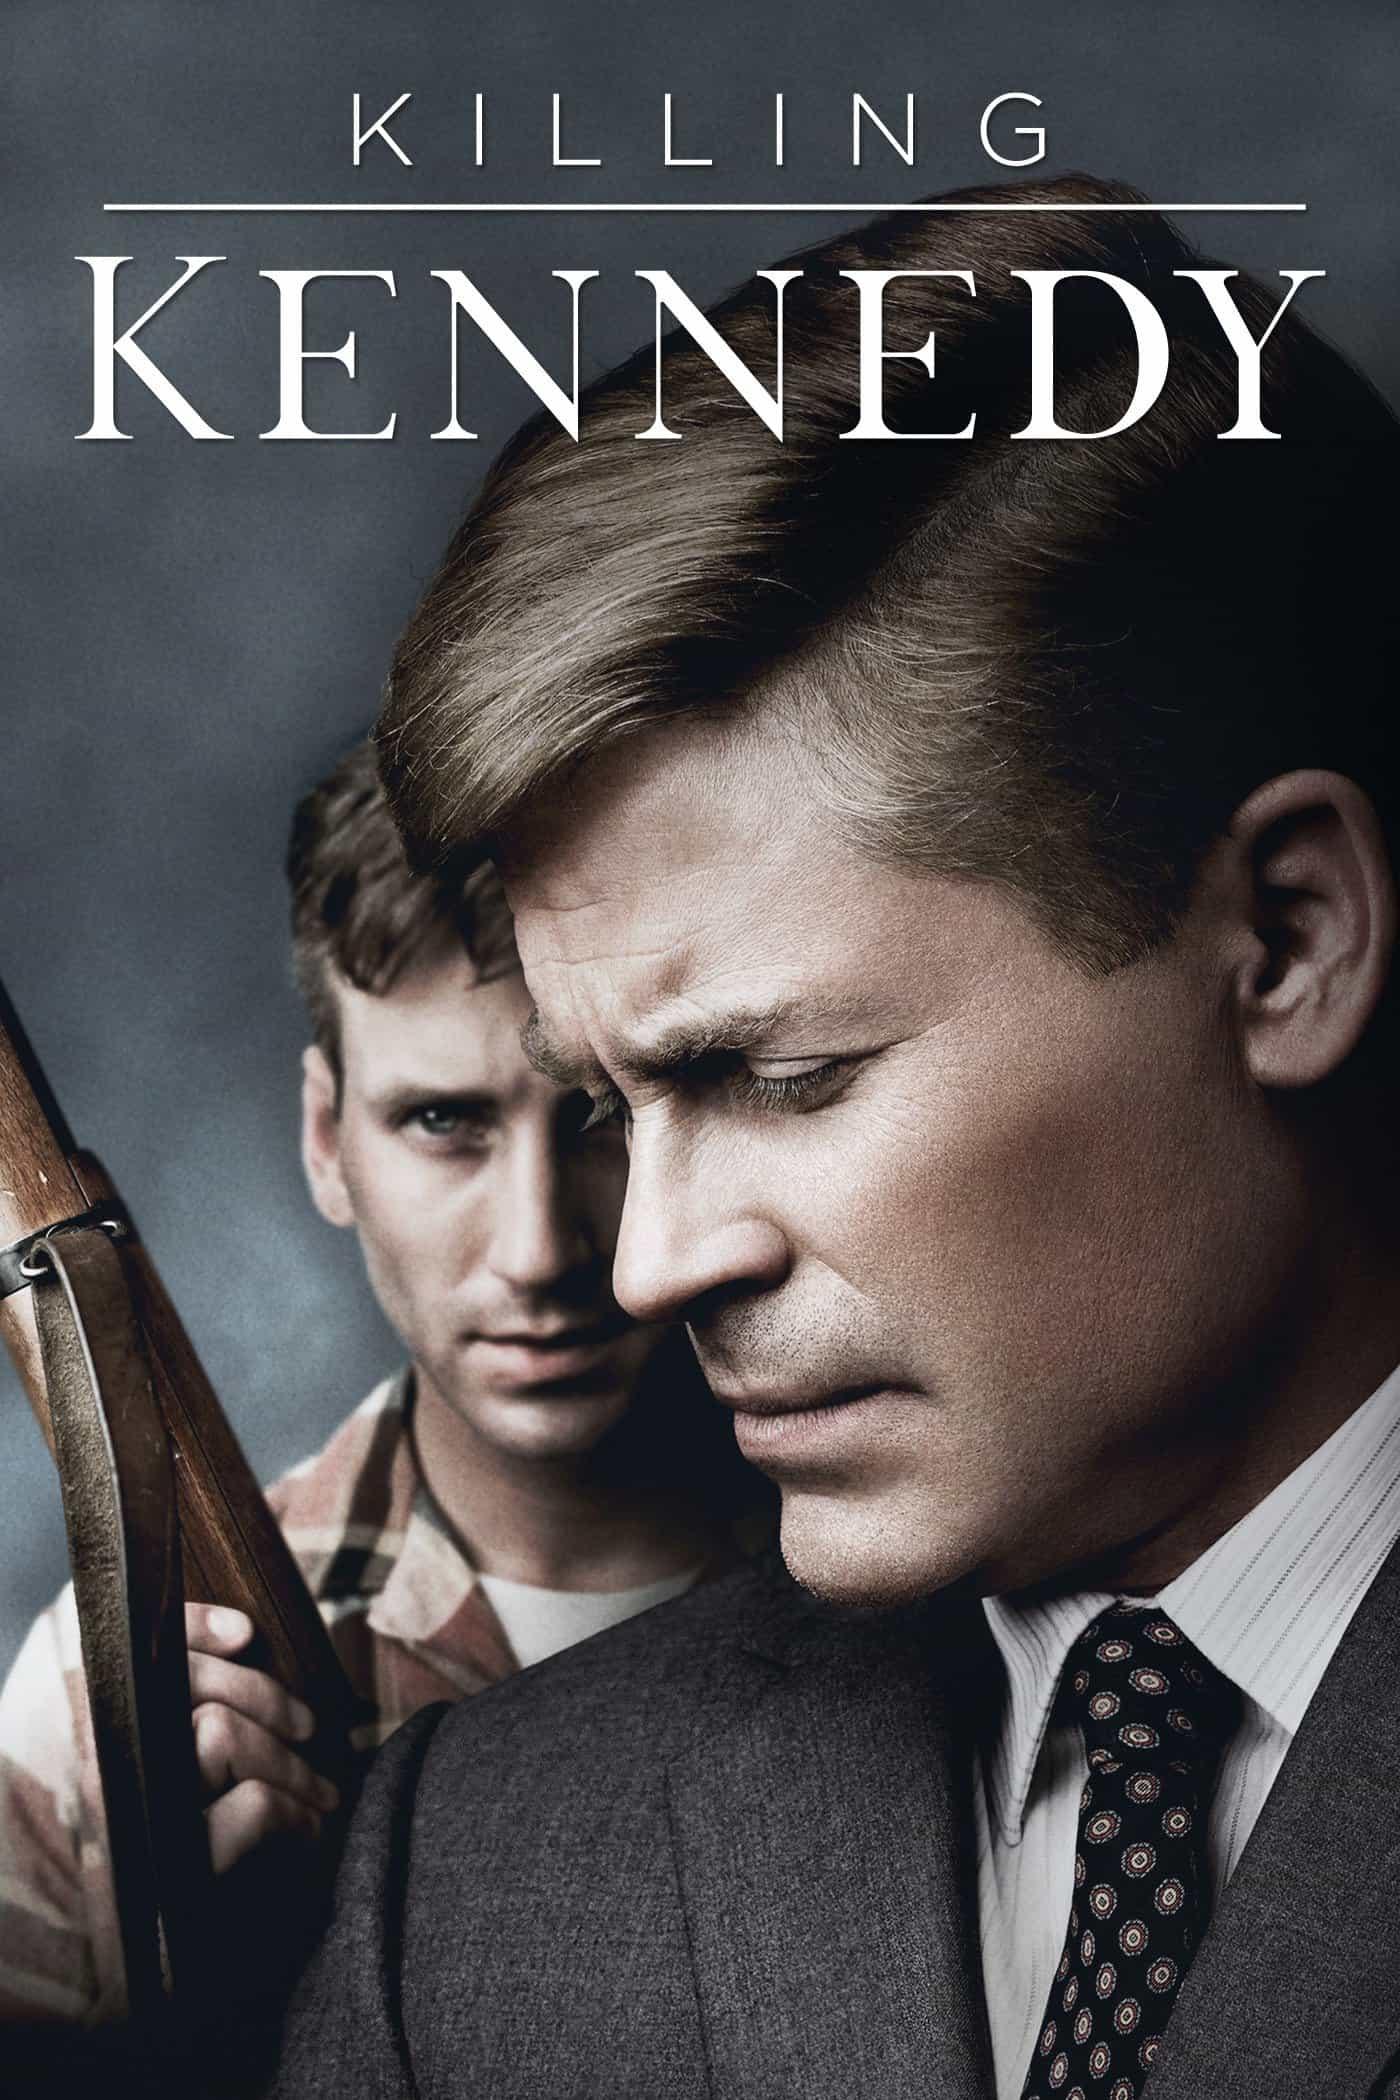 Killing Kennedy, 2013